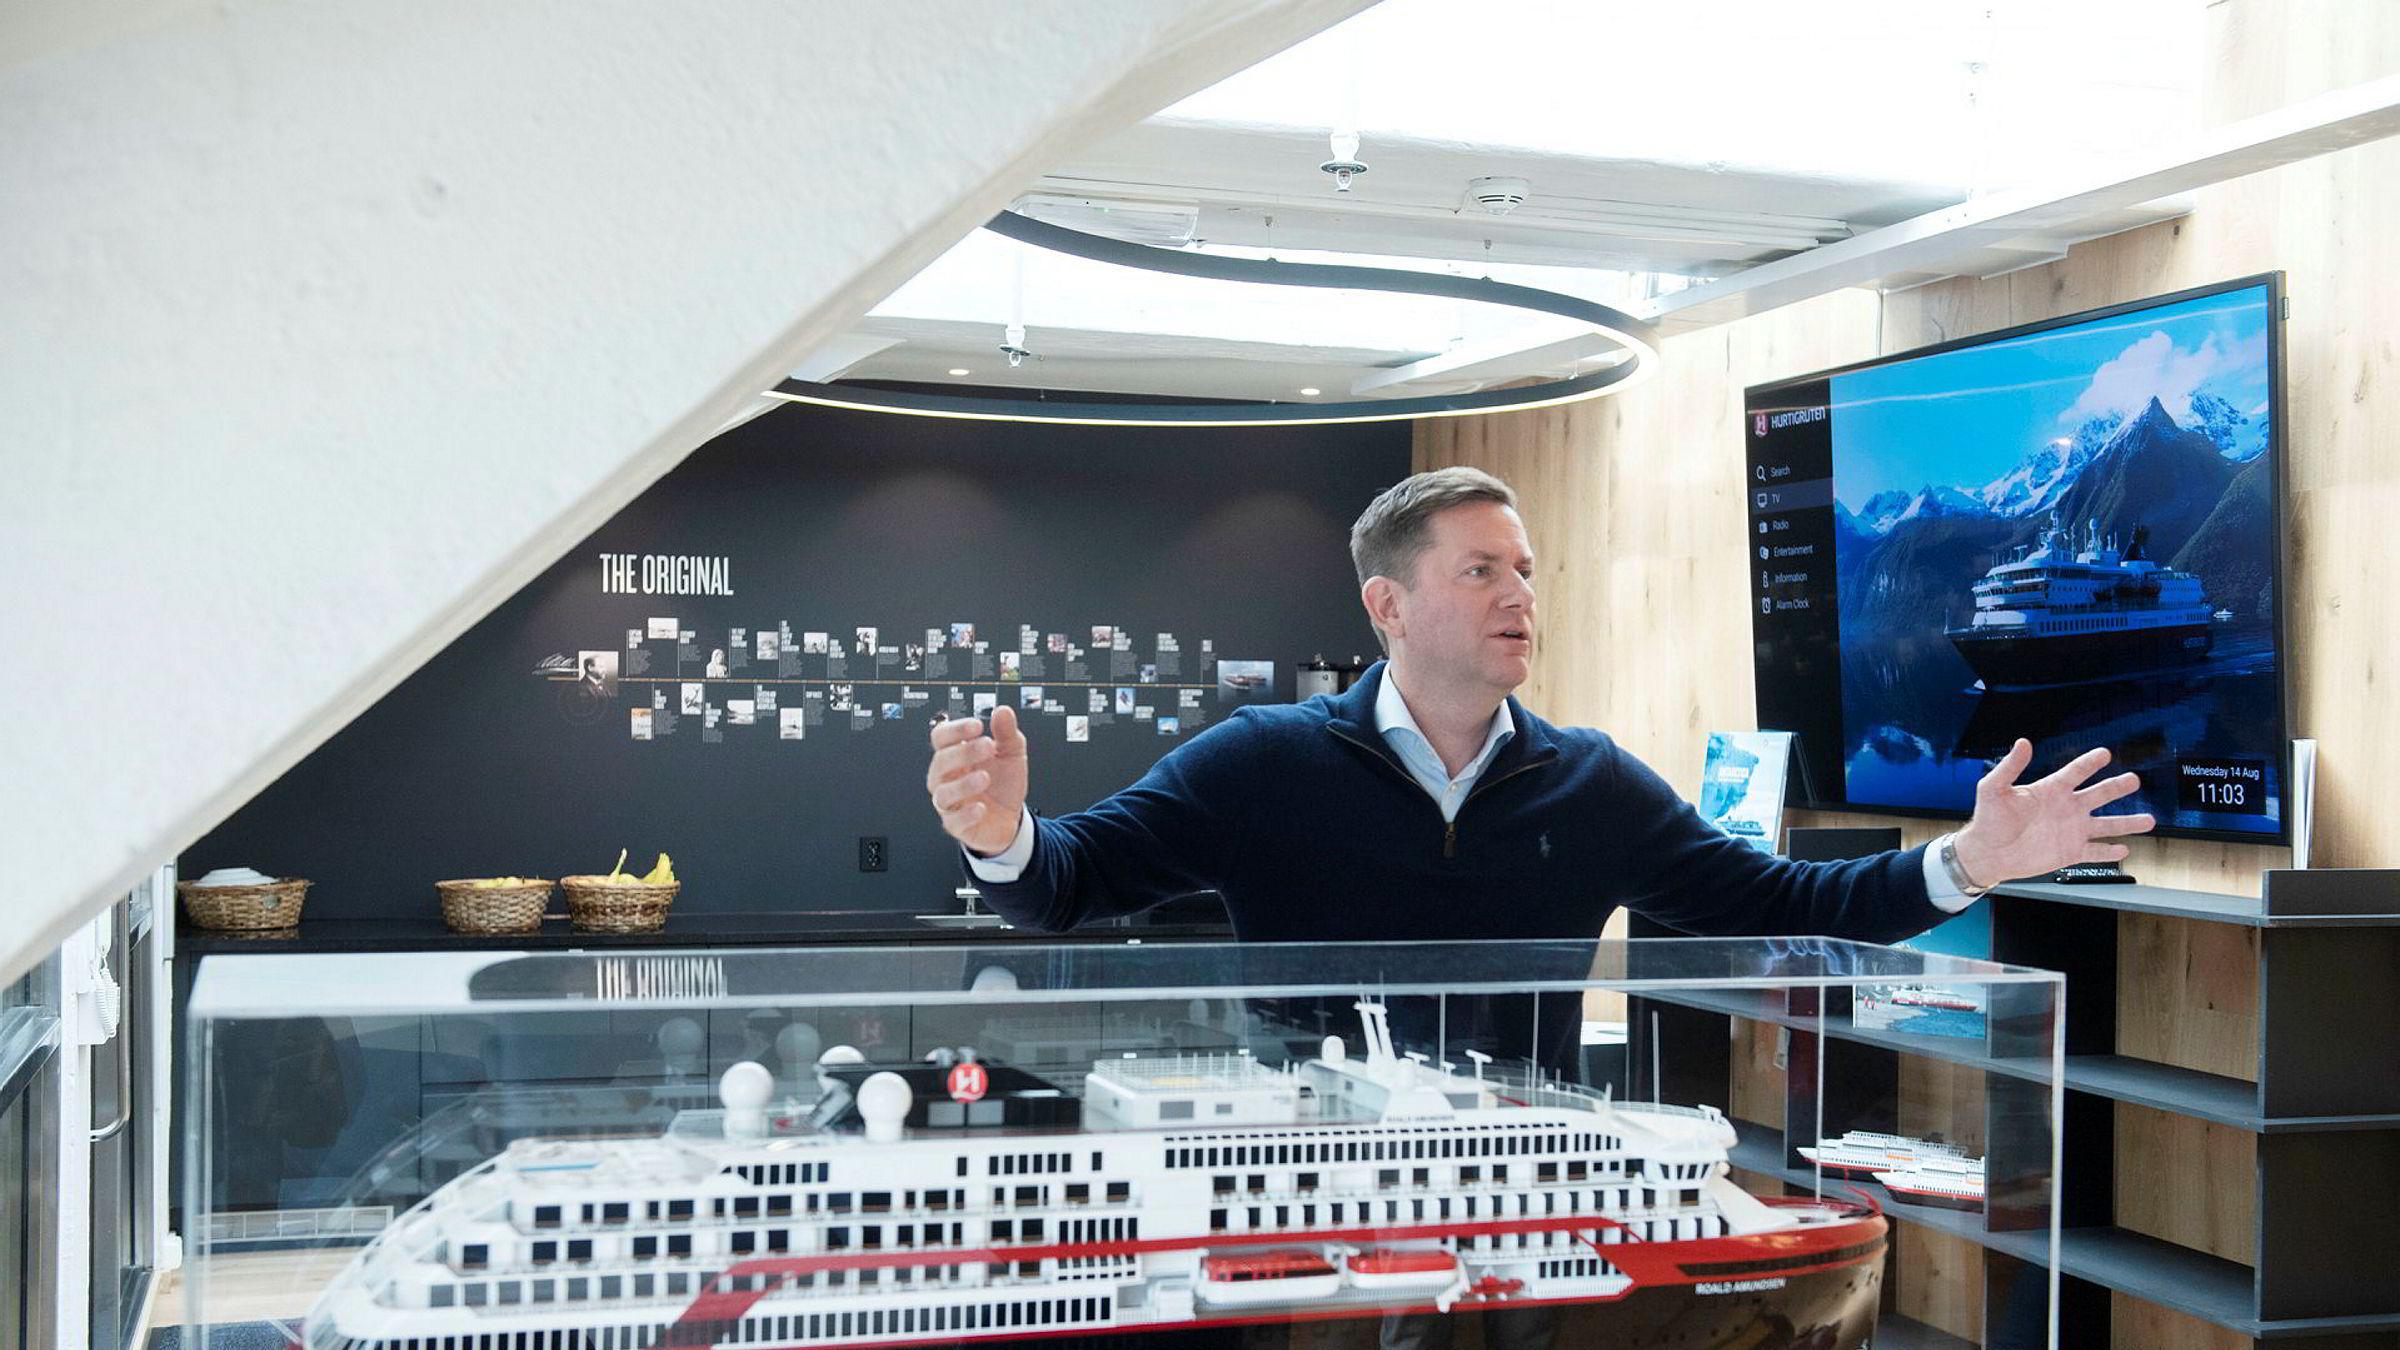 Hurtigrutens toppsjef Daniel Skjeldam sier det kan bli flere hybridskip eller oppkjøp av andre selskaper. Her med en modell av MS «Roald Amundsen».